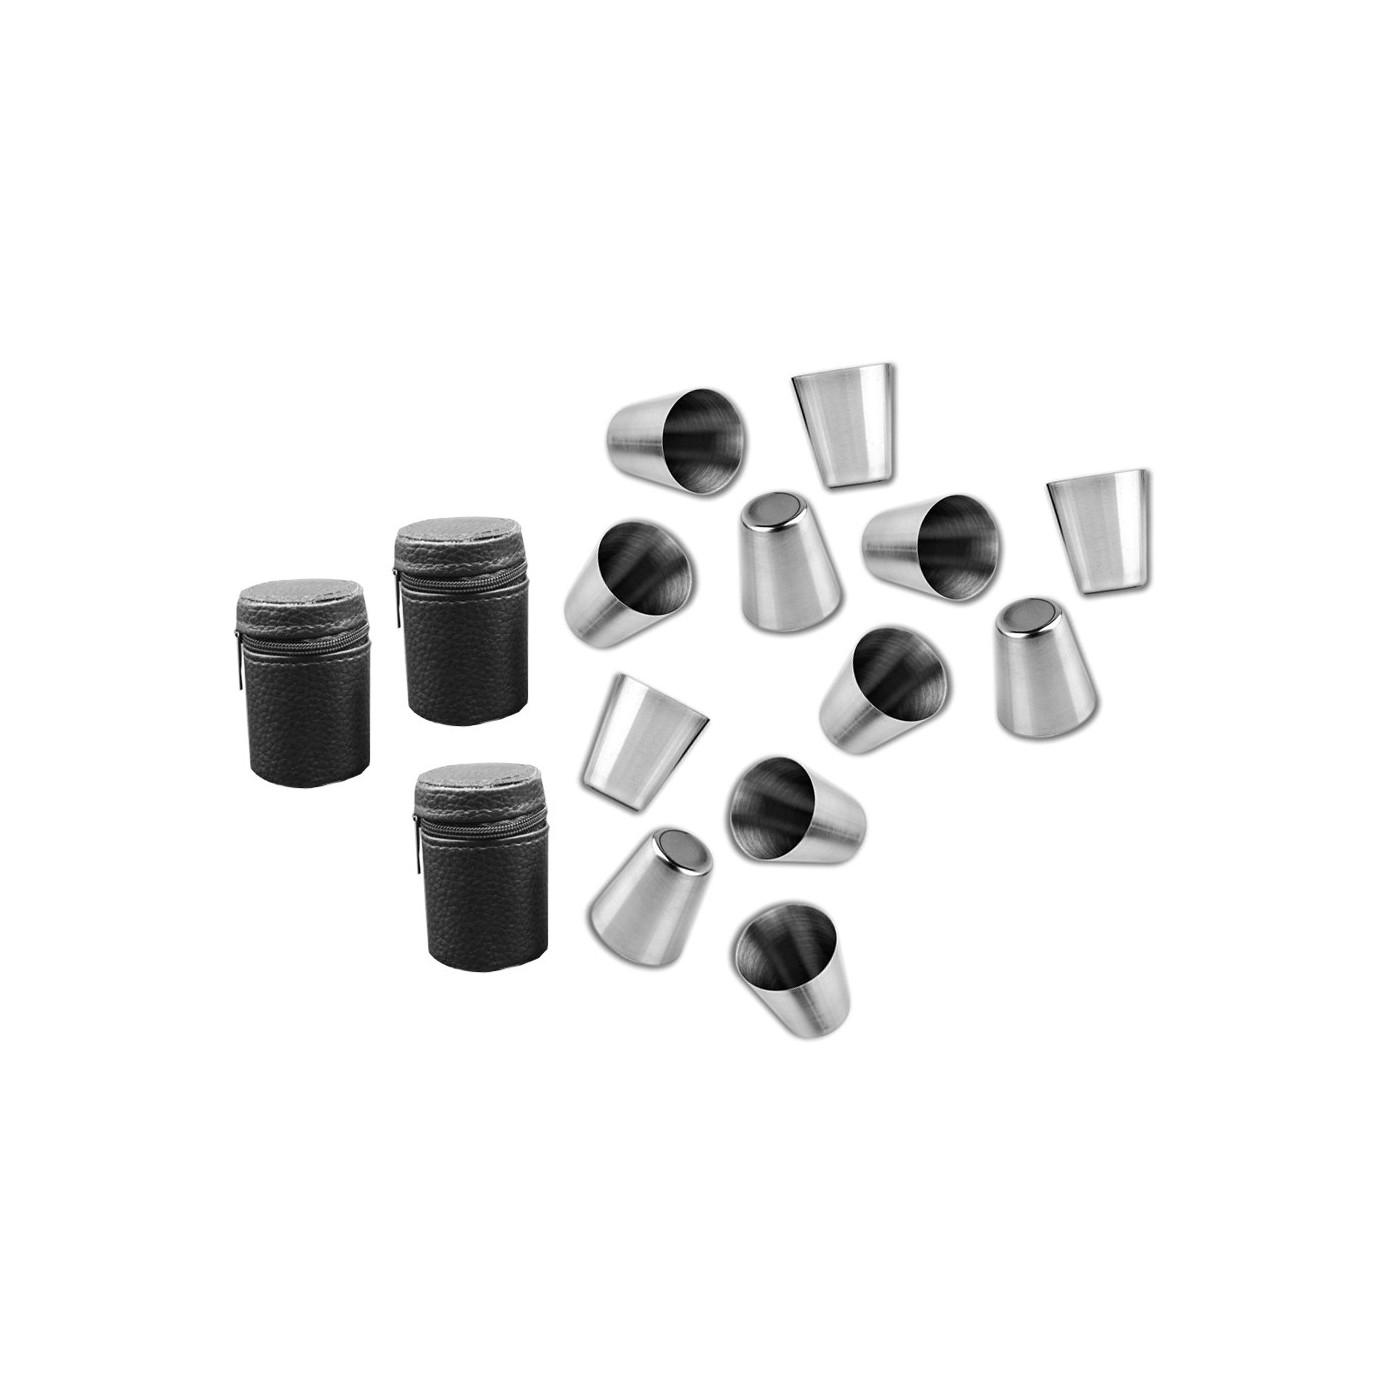 Zestaw 12 kubków ze stali nierdzewnej (30 ml) z 3 skórzanymi torebkami  - 1